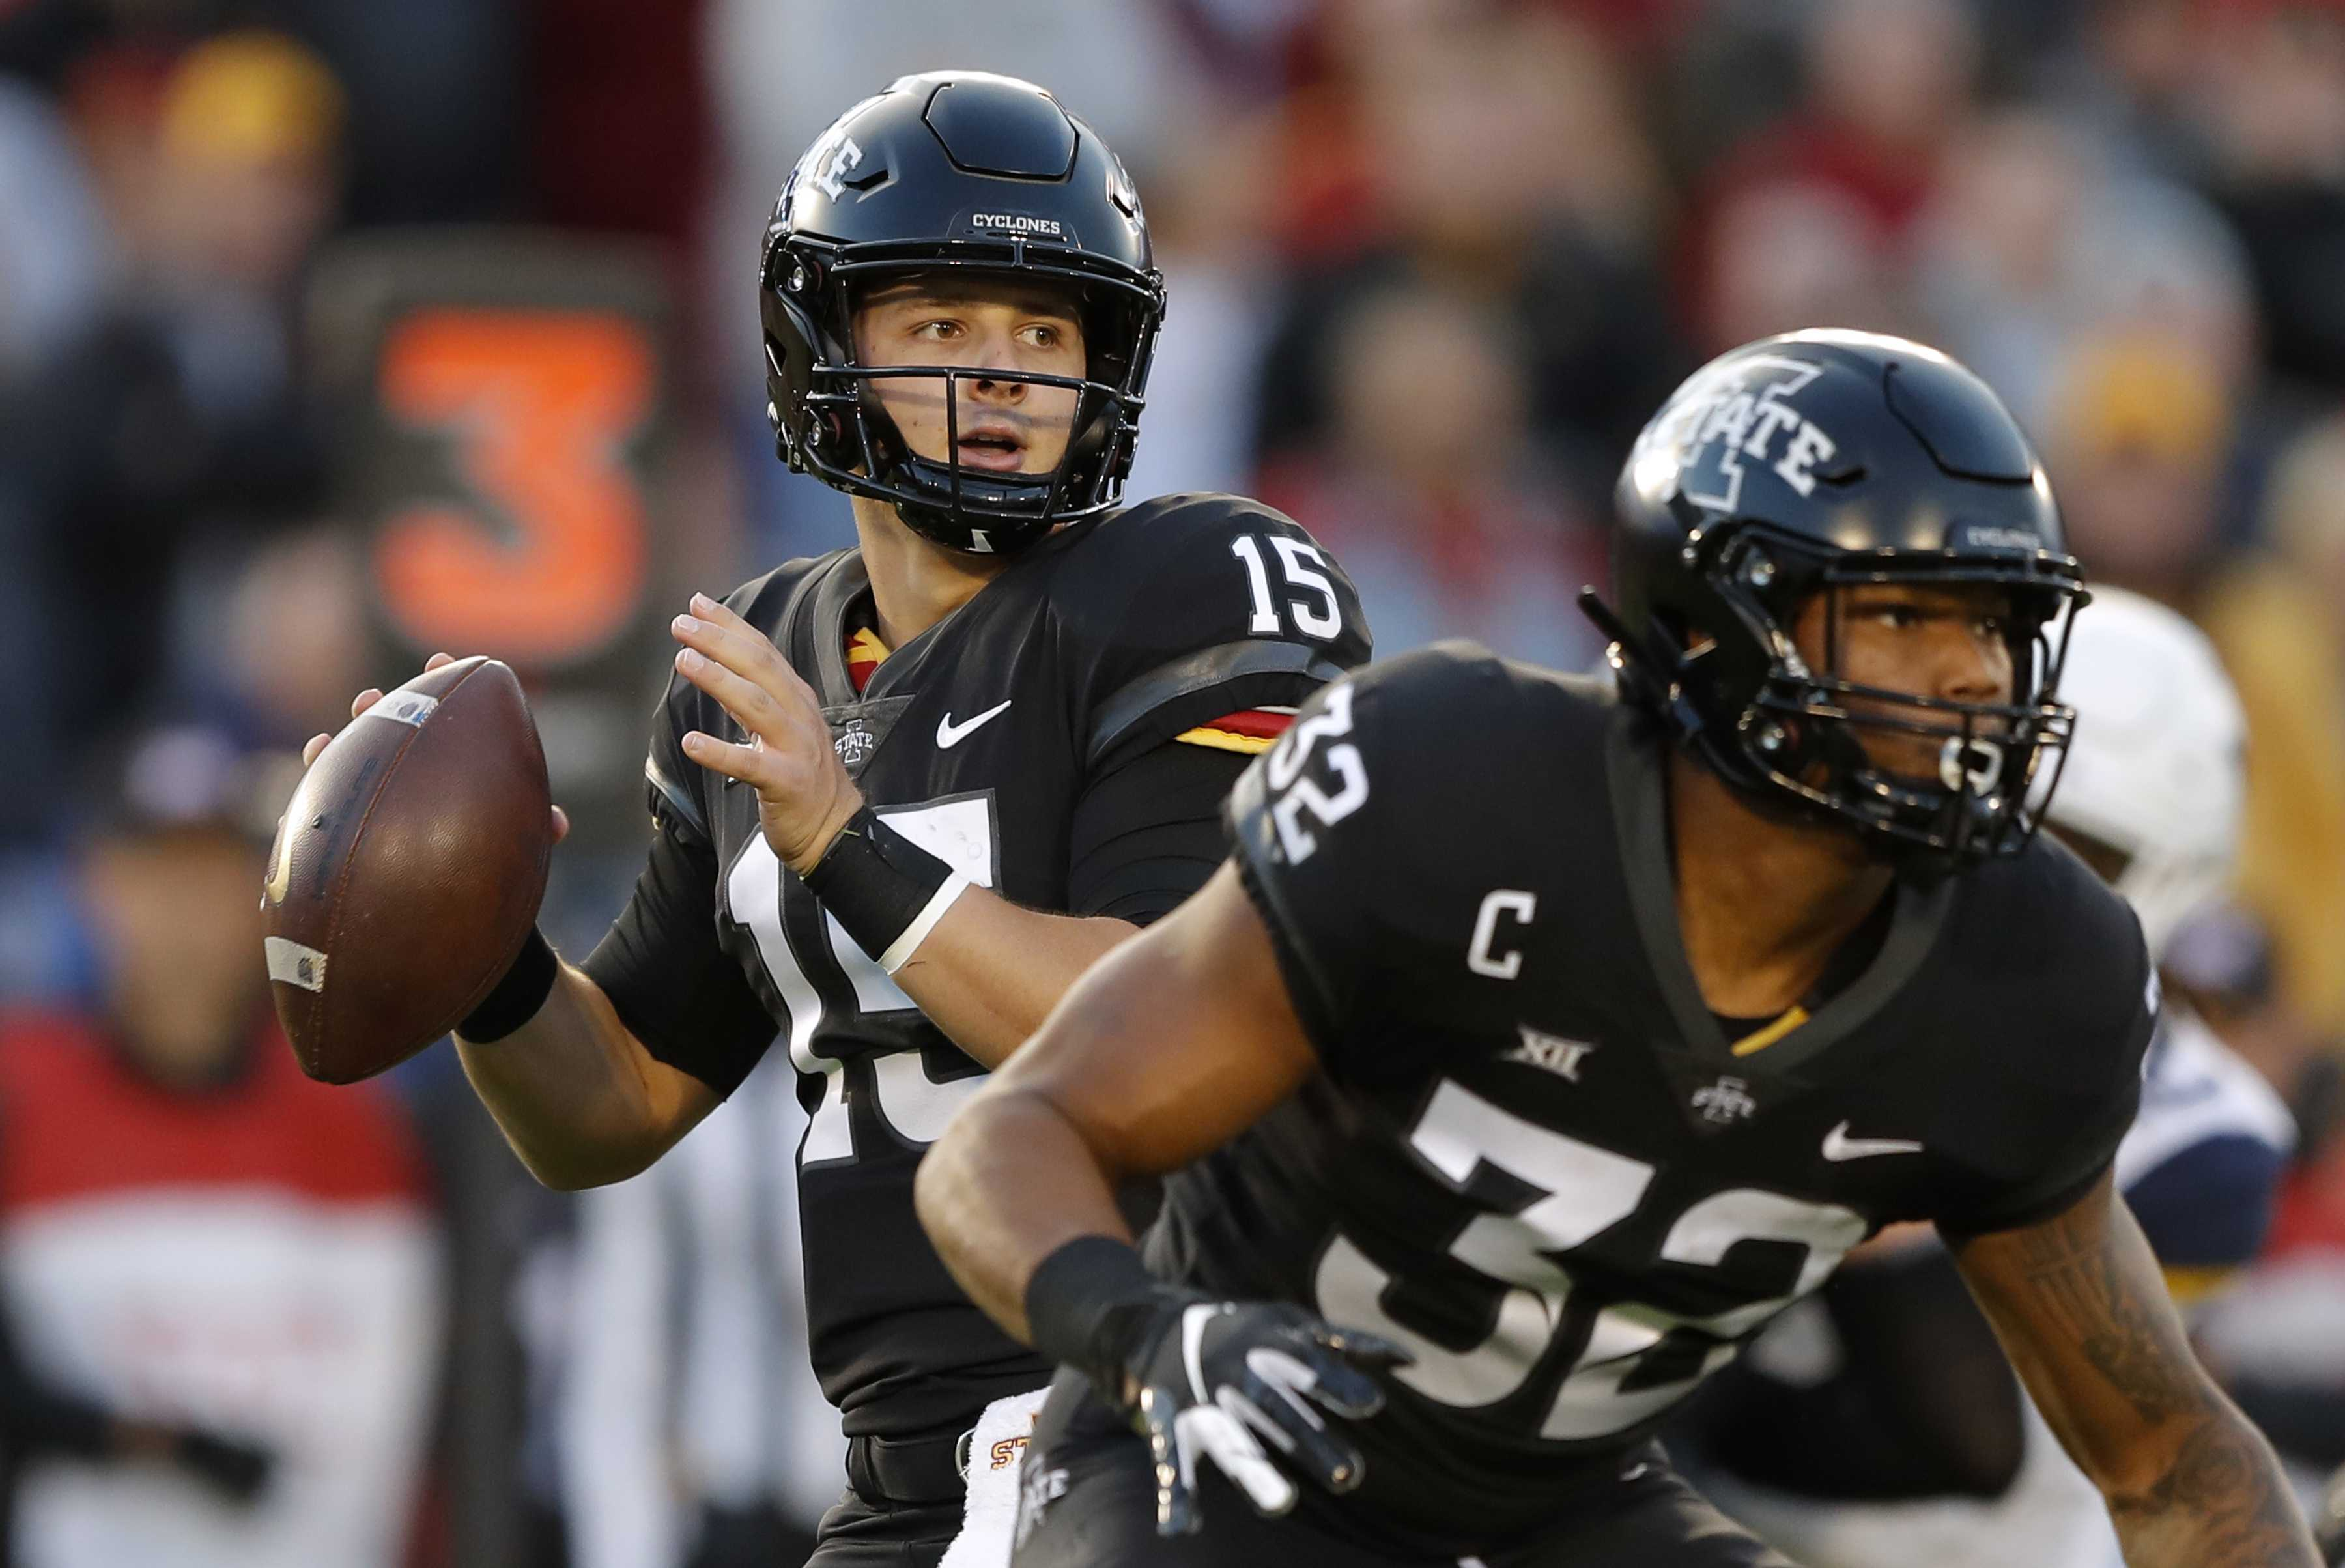 Iowa State upsets No. 6 West Virginia 30-14